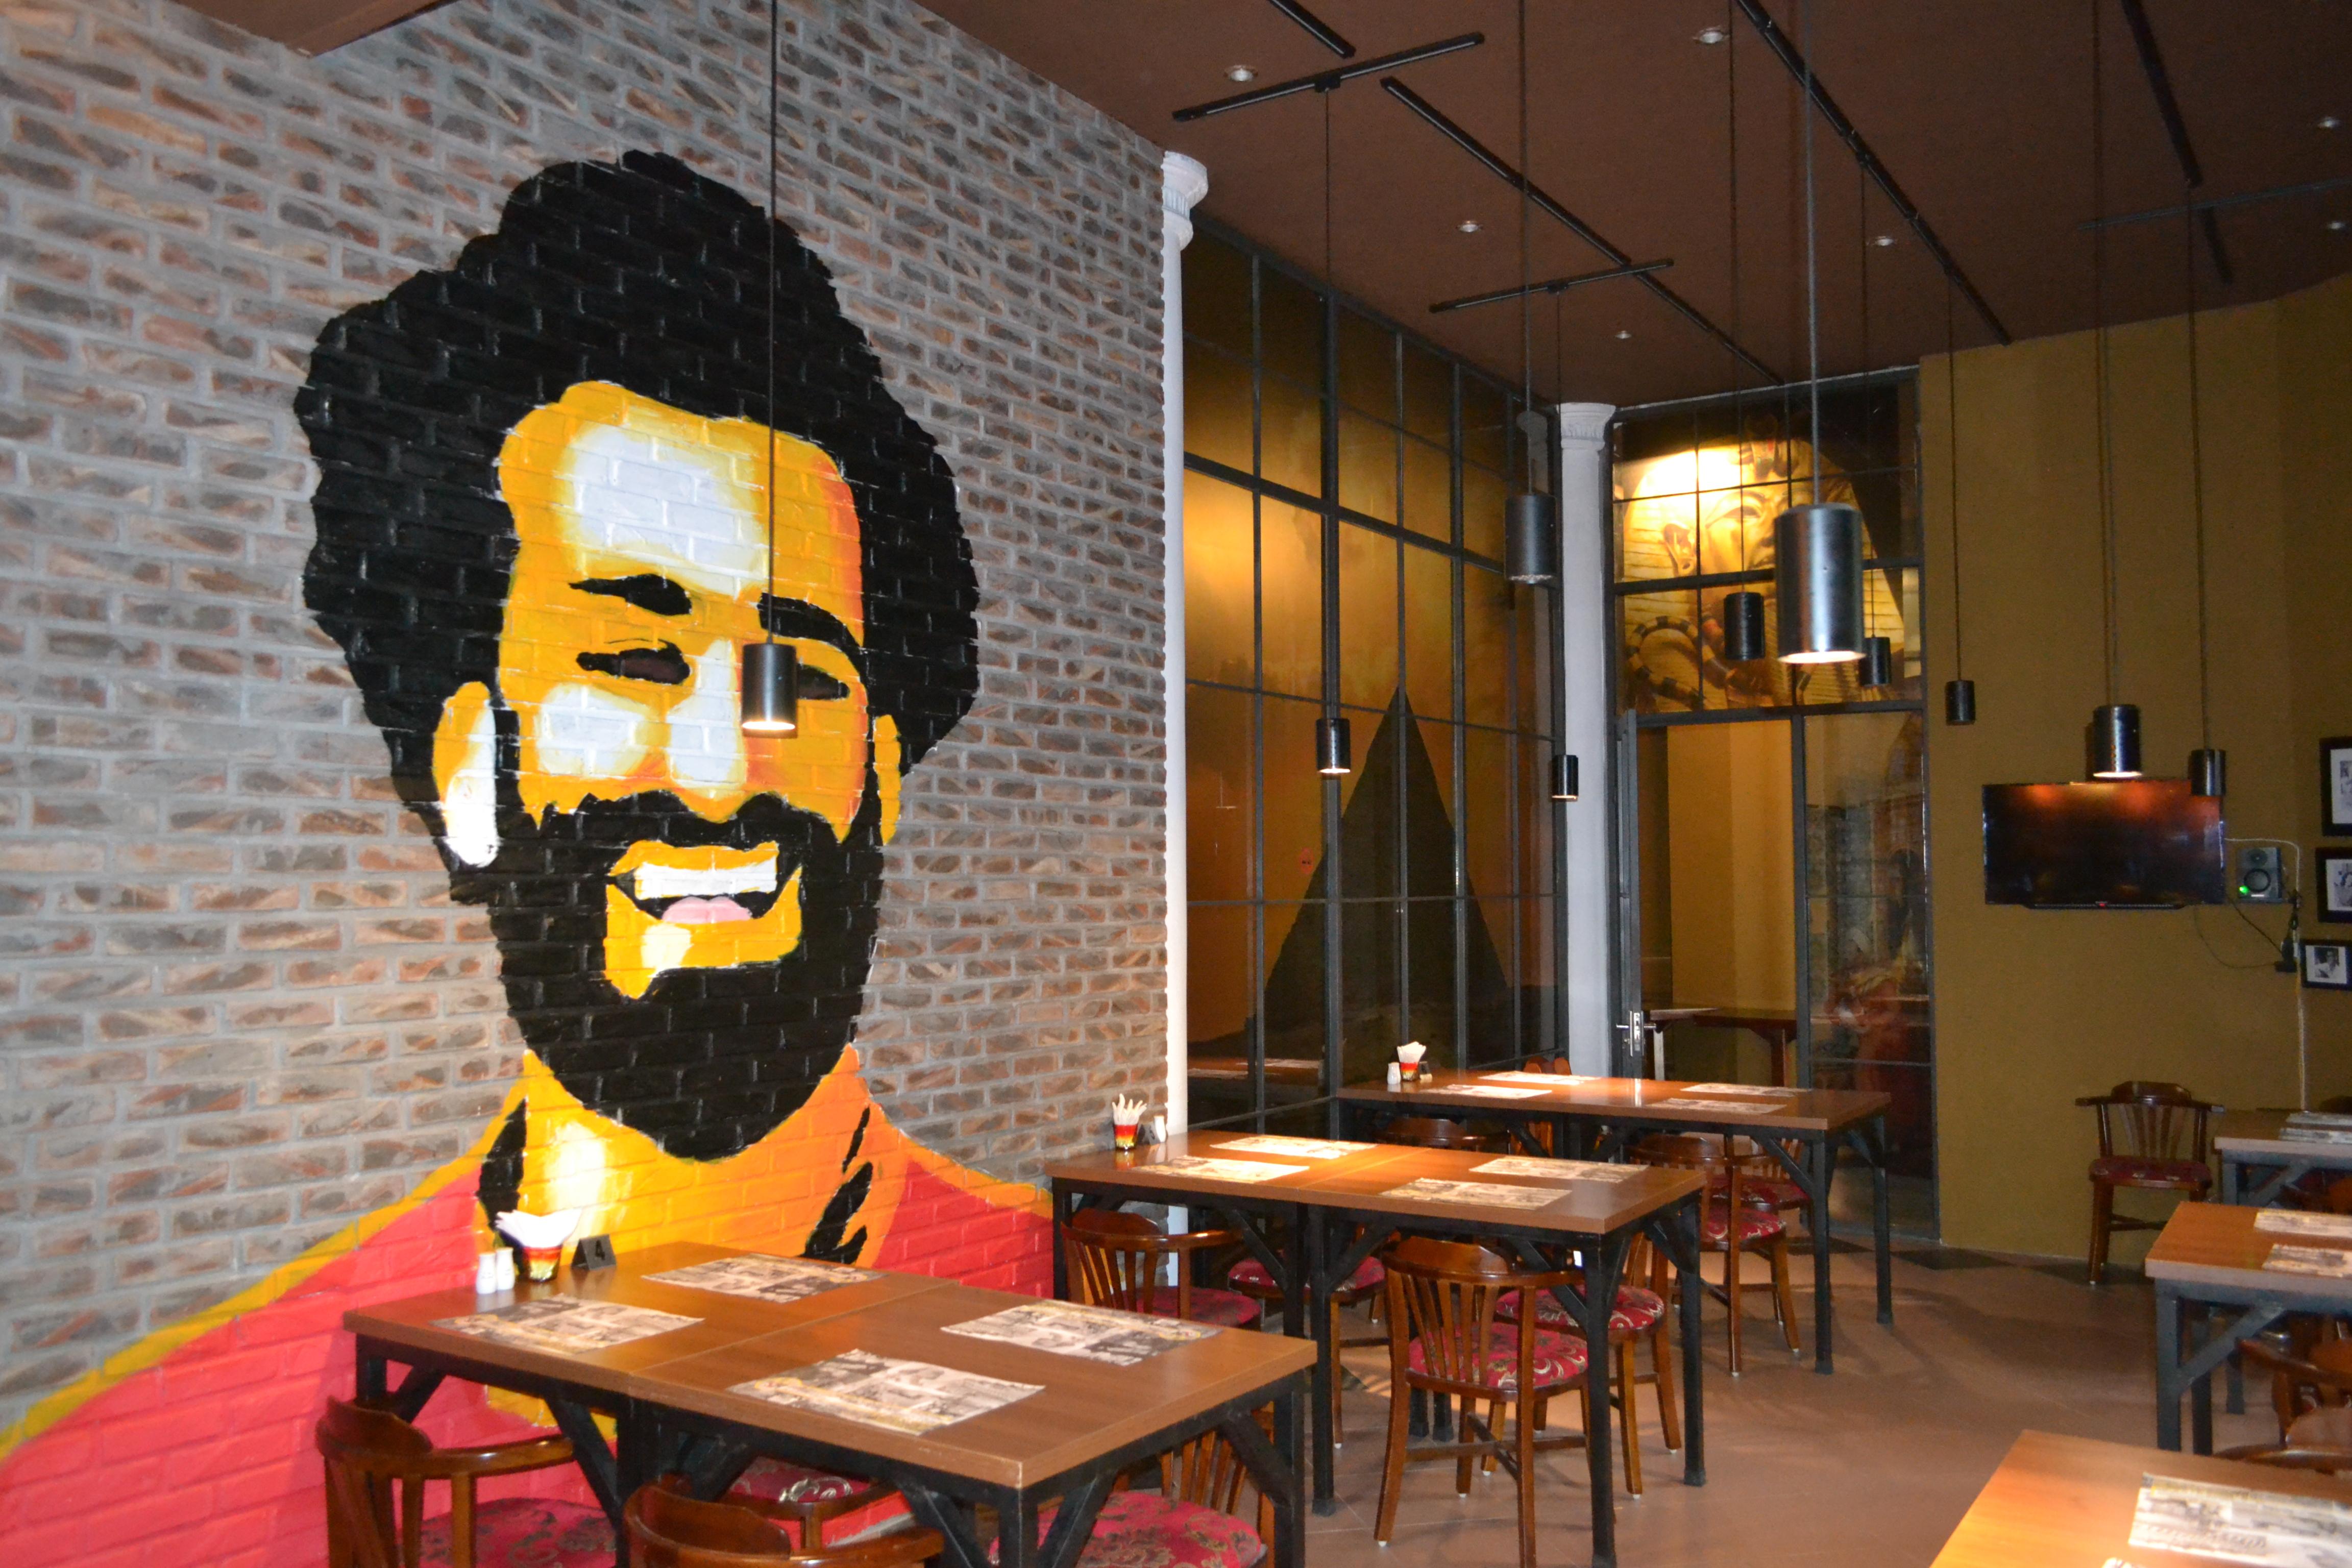 タイホー地区にあるエジプト料理店